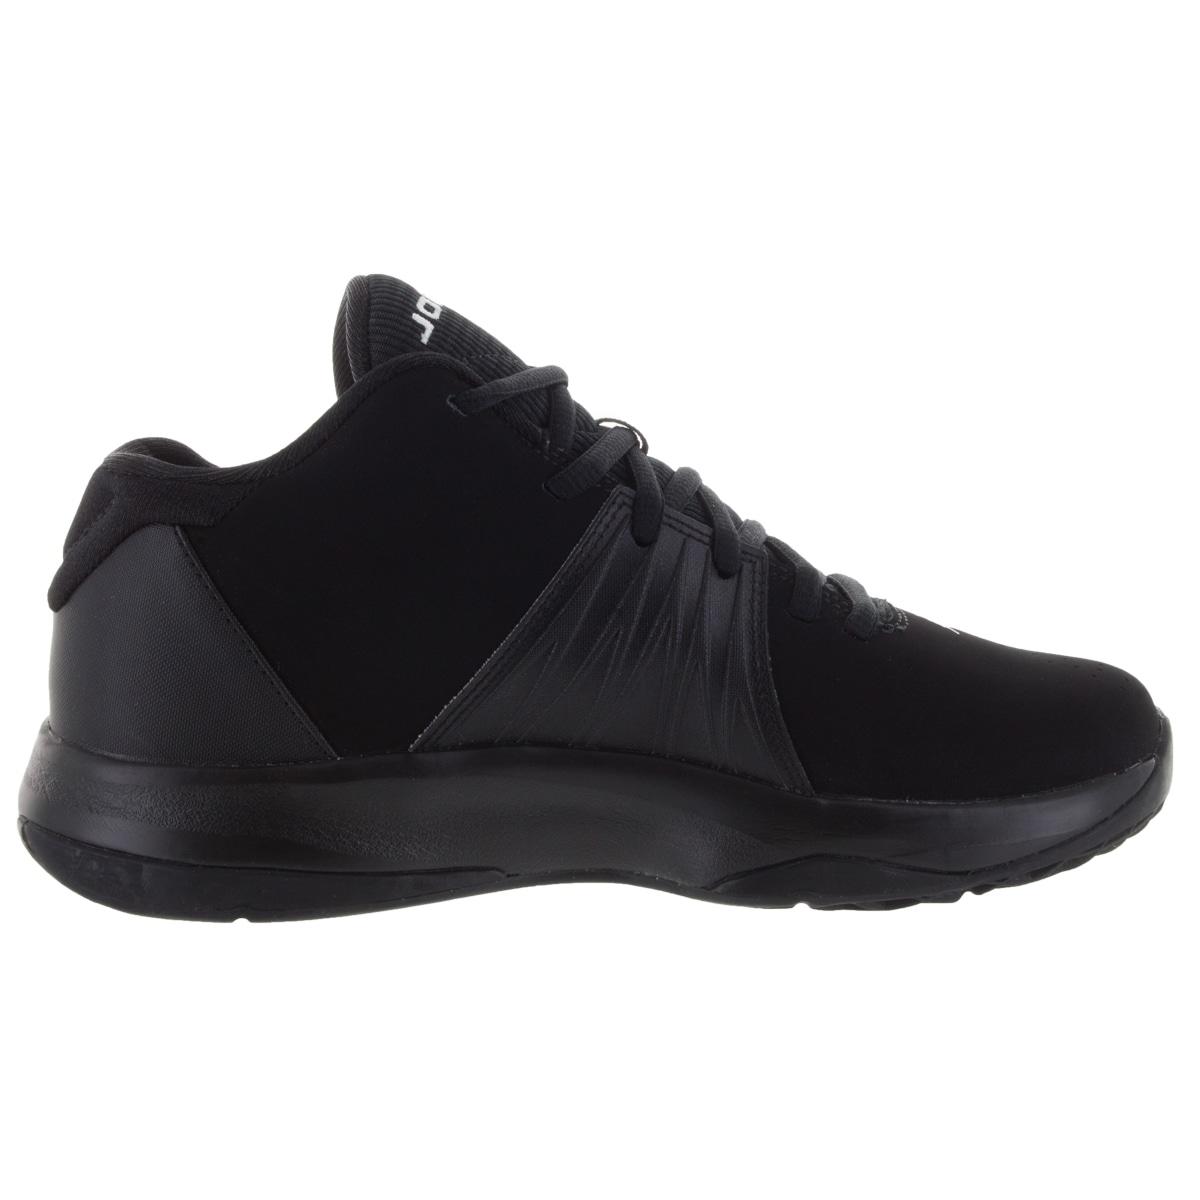 3885e4d47a45e0 Shop Nike Jordan Kid s Jordan 5 Am Bg Black White Training Shoe - Free  Shipping Today - Overstock - 12322423